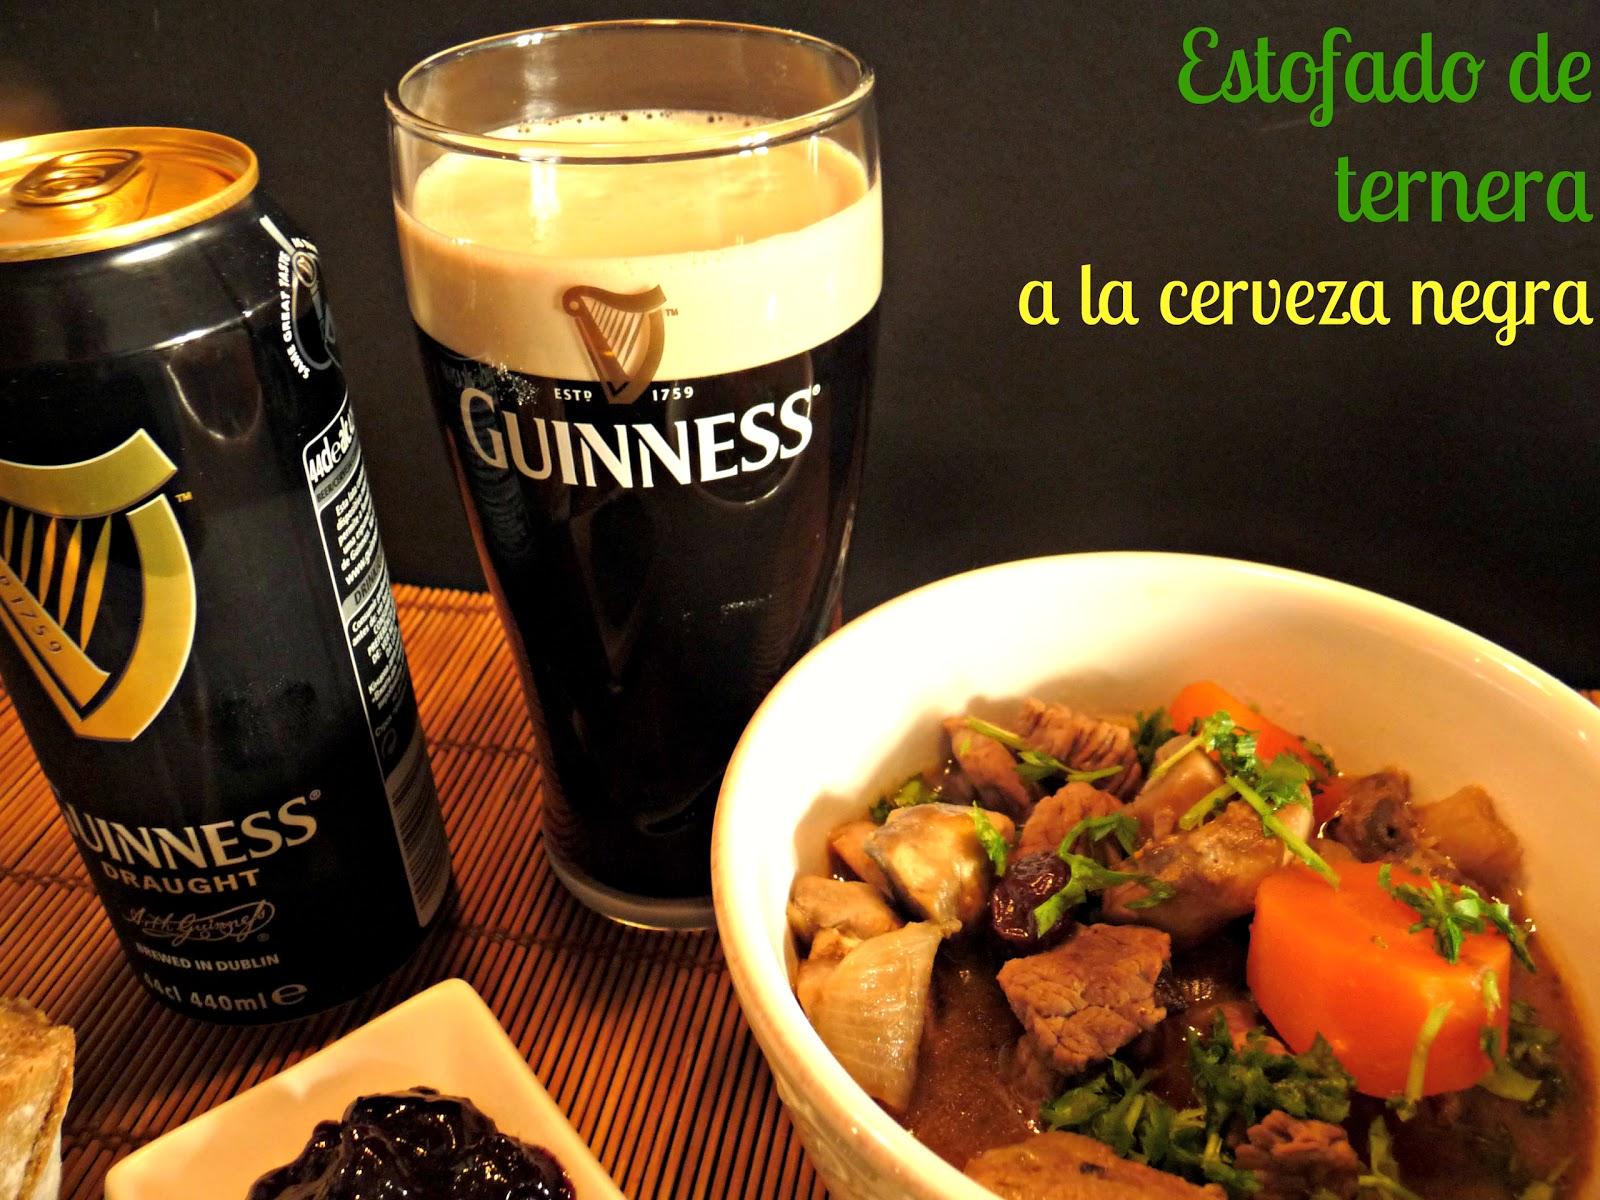 Estofado de ternera en Guinness